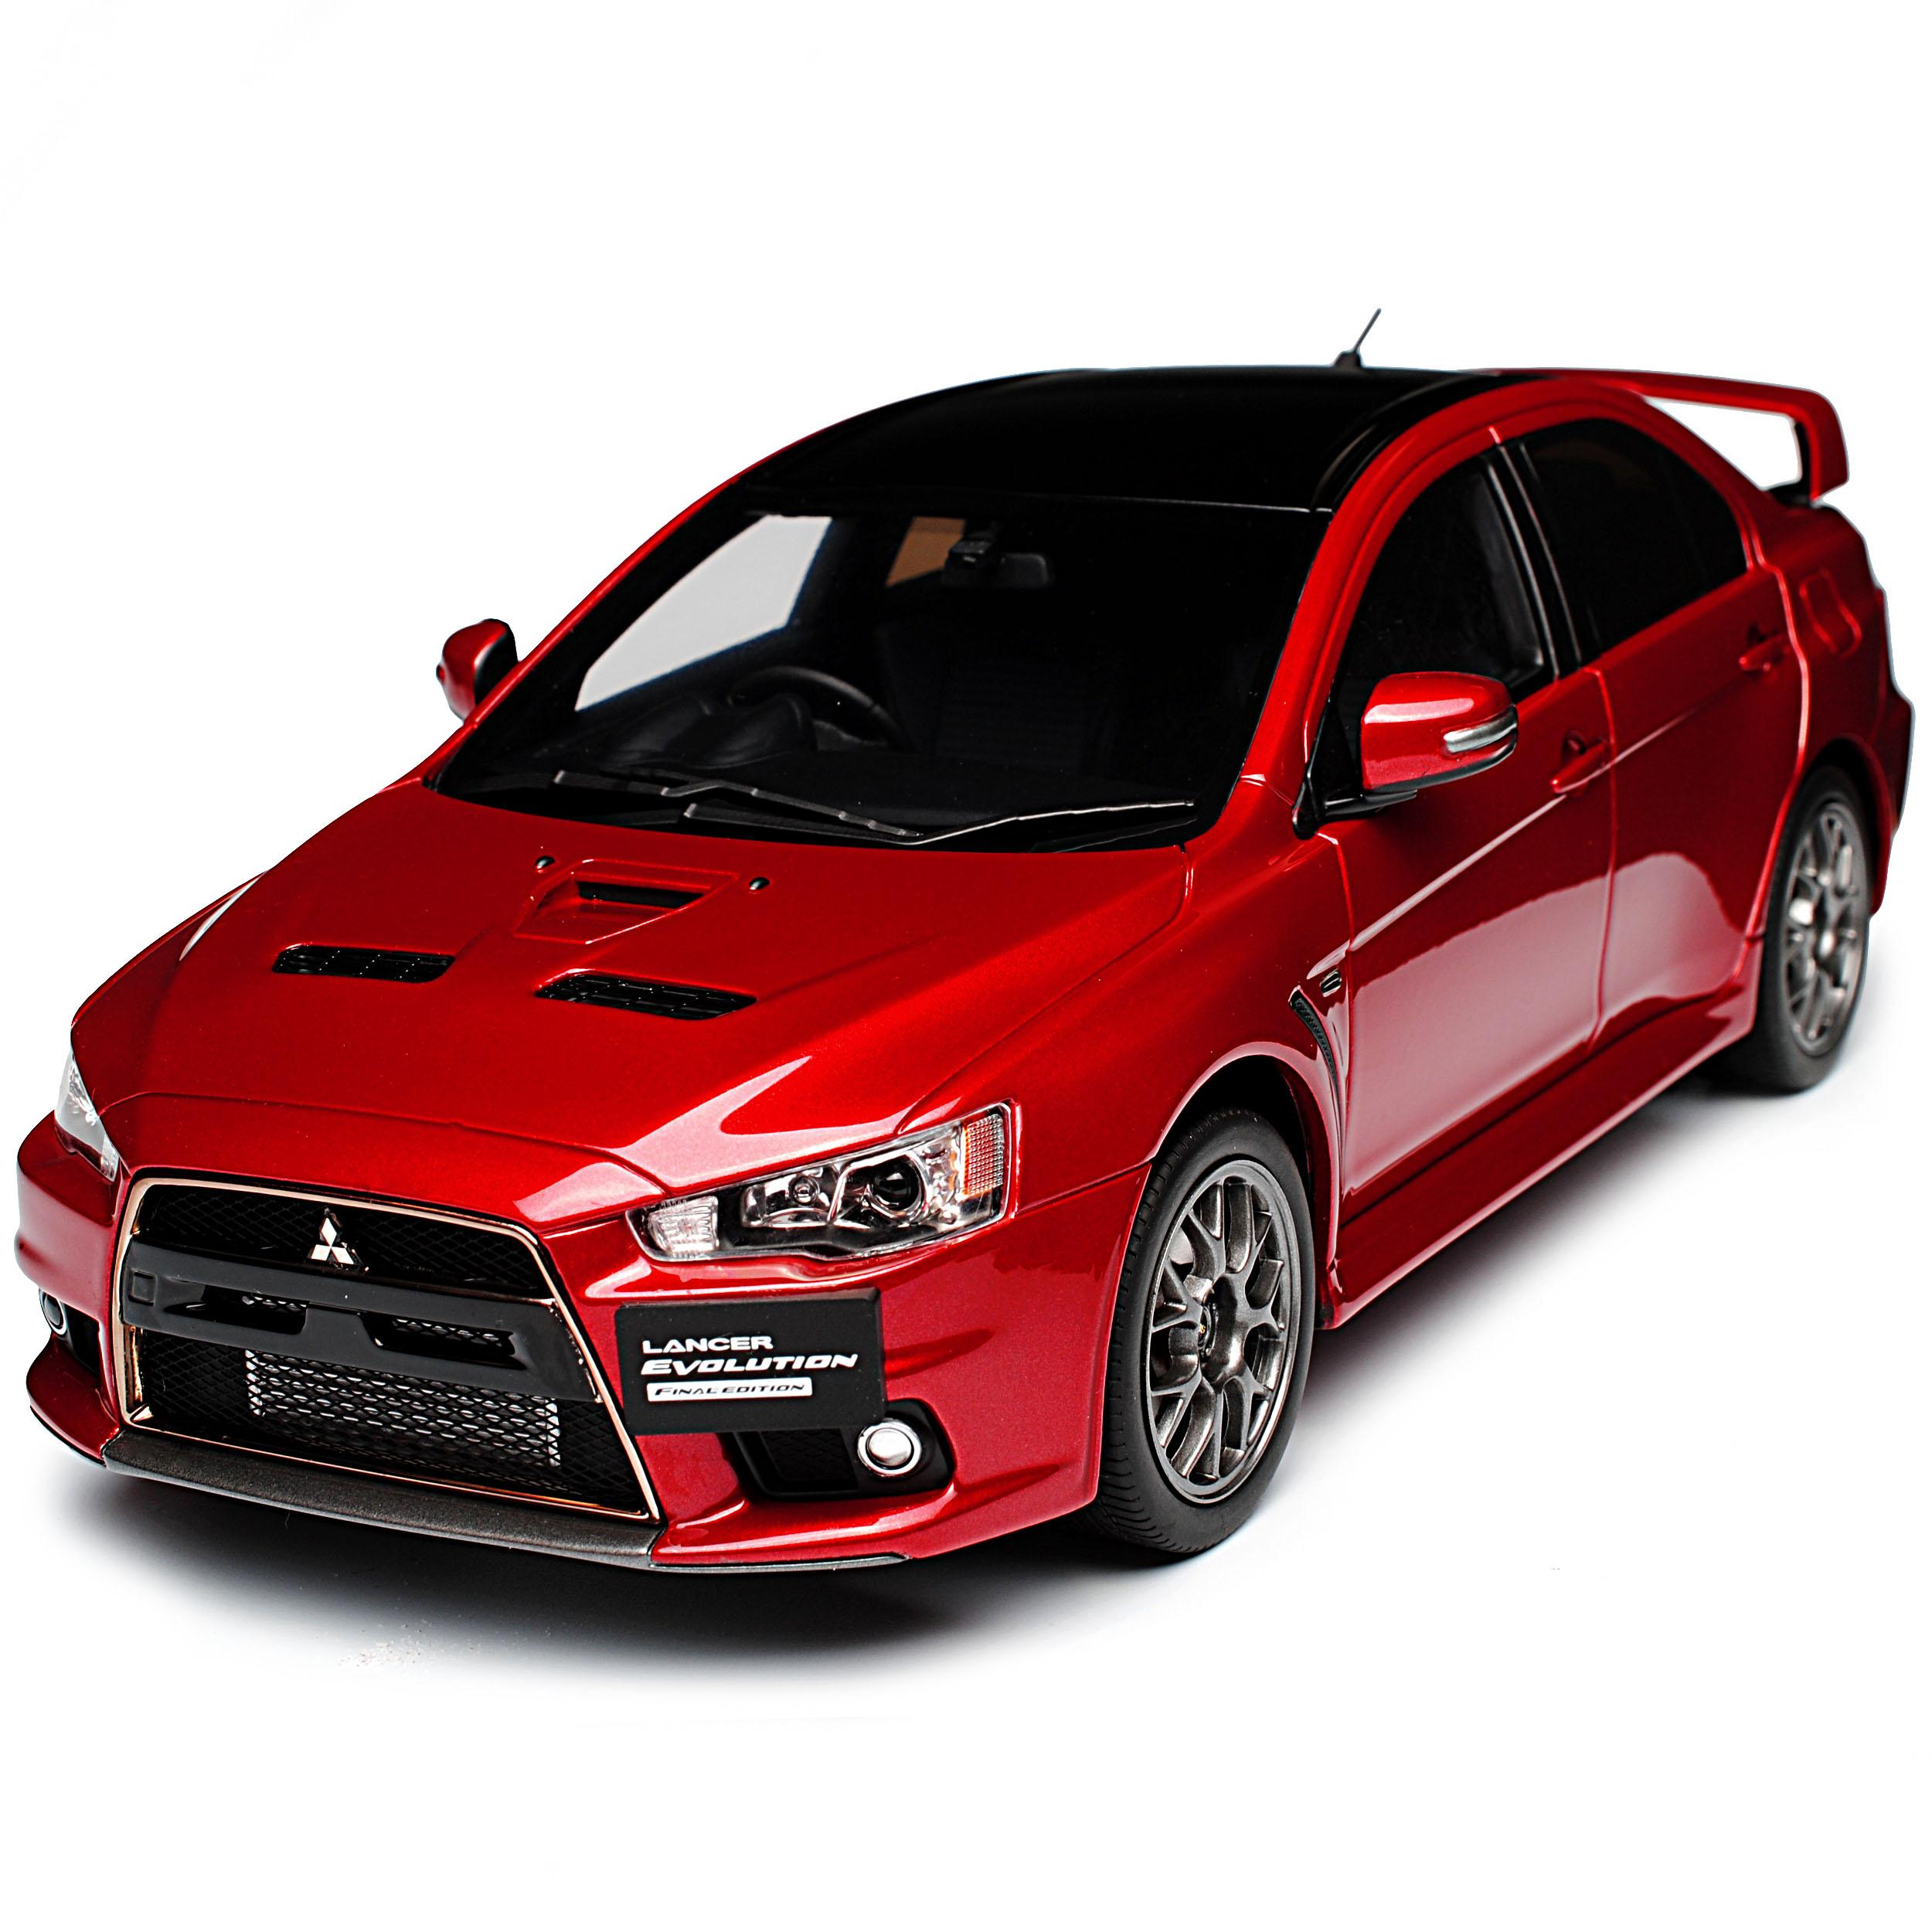 Mitsubishi-Lancer-Evolution-Evo-X-Final-Edition-rojo-2007-2017-1-18-Kyosho-moda miniatura 7